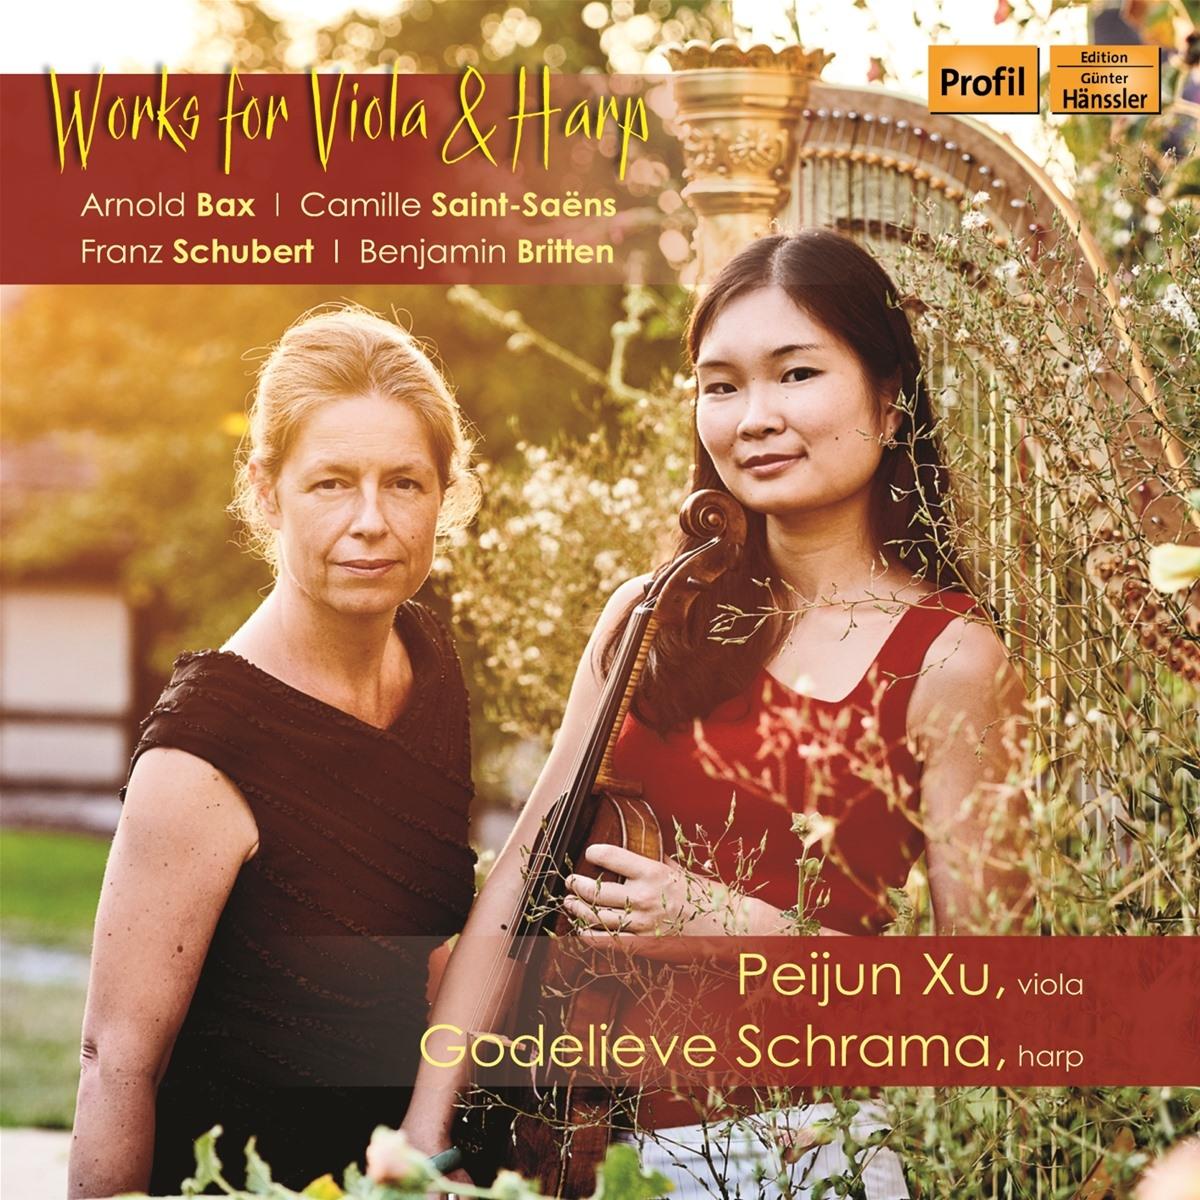 Works for Viola & Harp